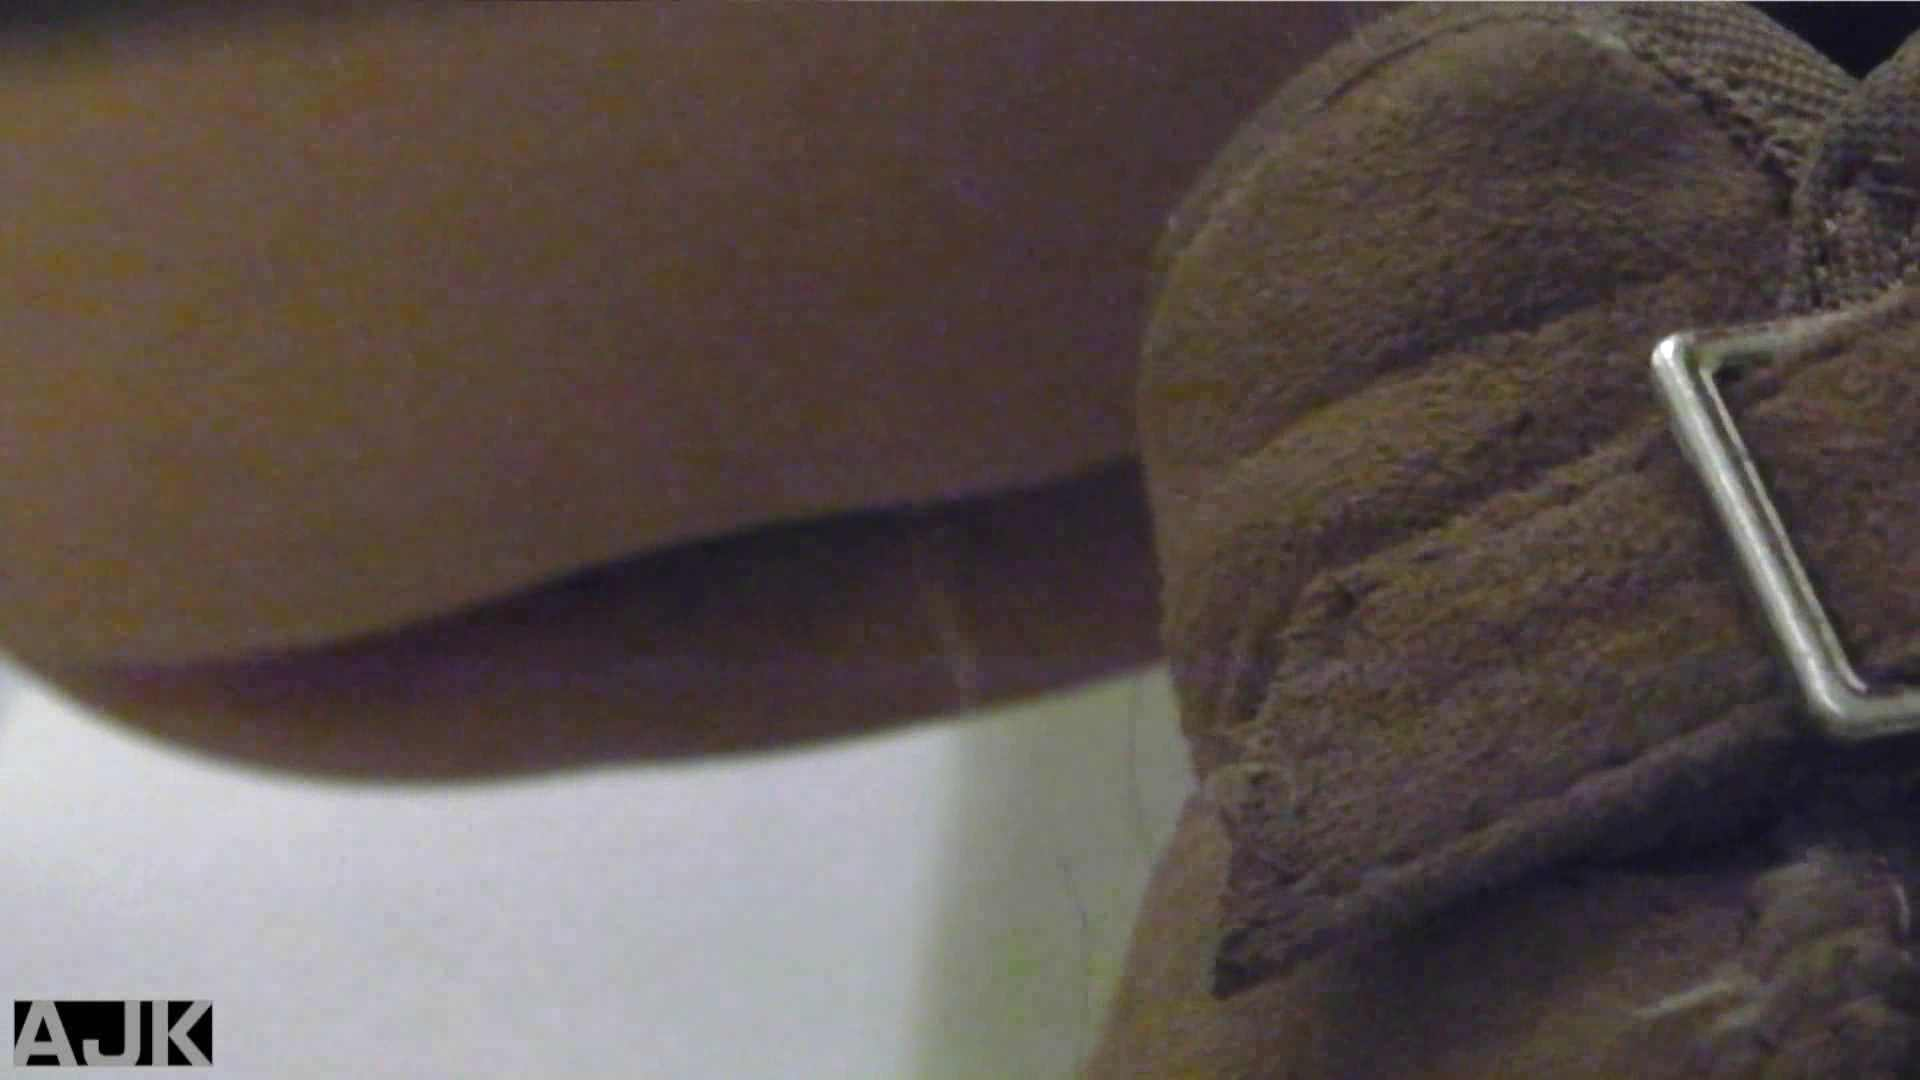 隣国上階級エリアの令嬢たちが集うデパートお手洗い Vol.28 お手洗い  89pic 20